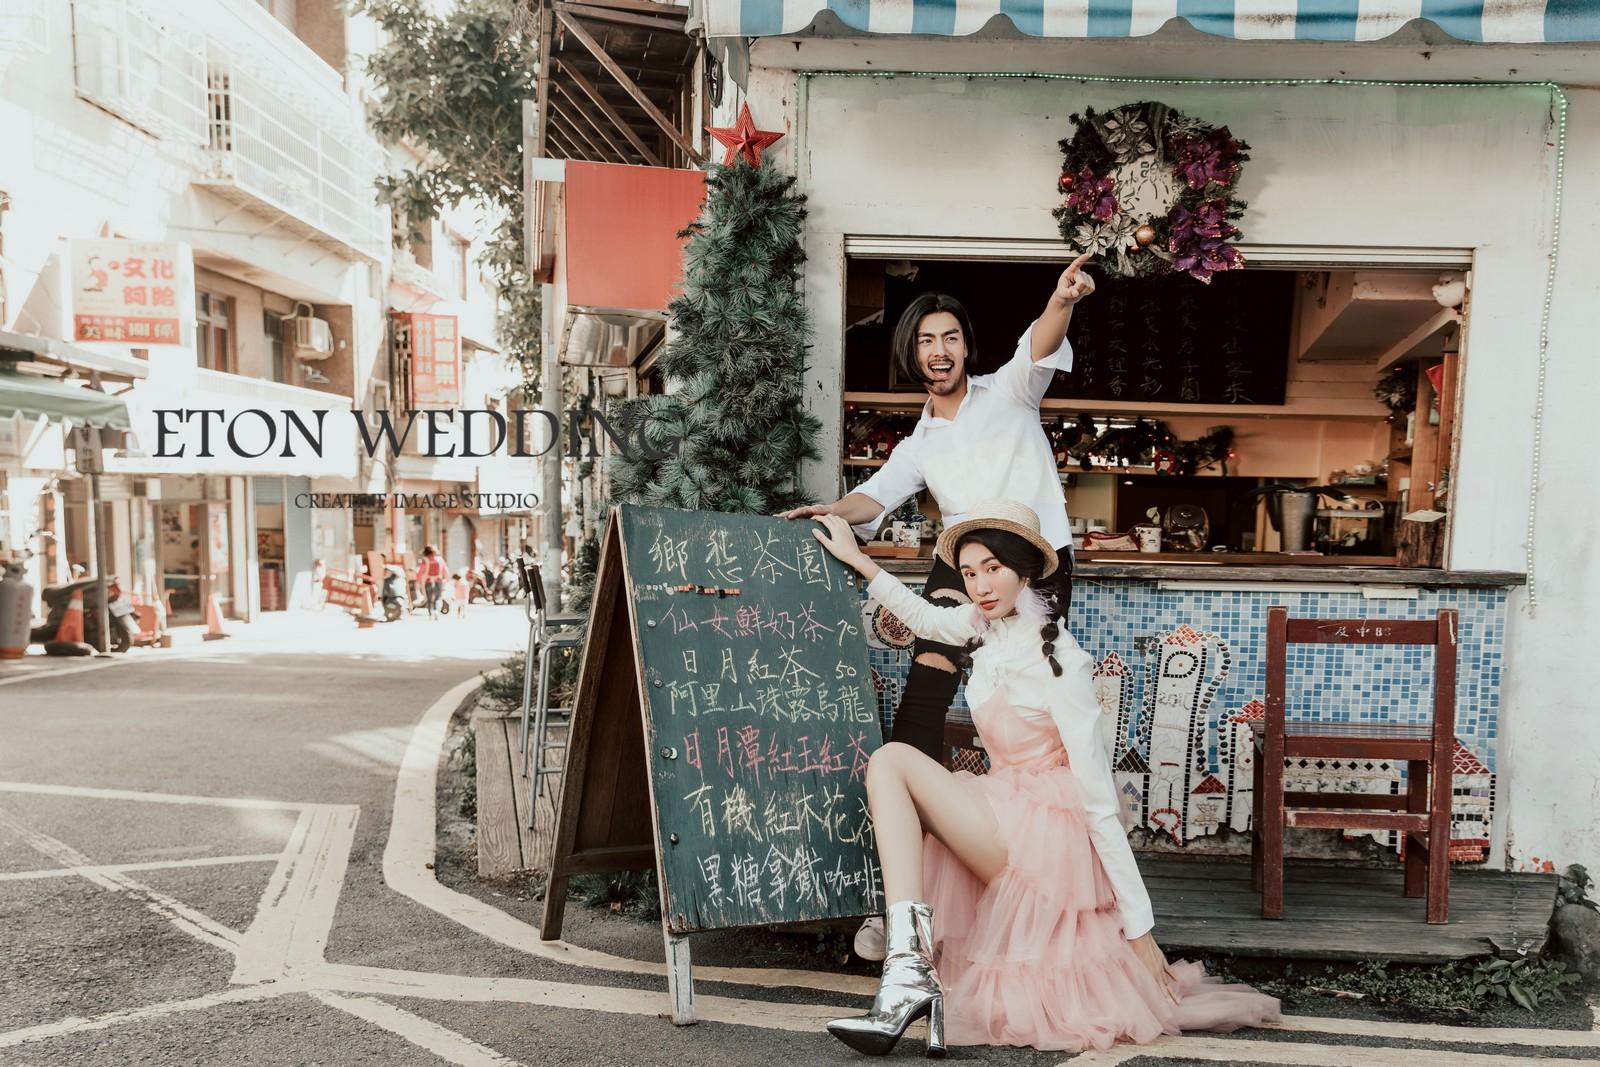 婚紗攝影,婚紗照風格,婚紗照姿勢,婚紗攝影工作室,老街隨拍